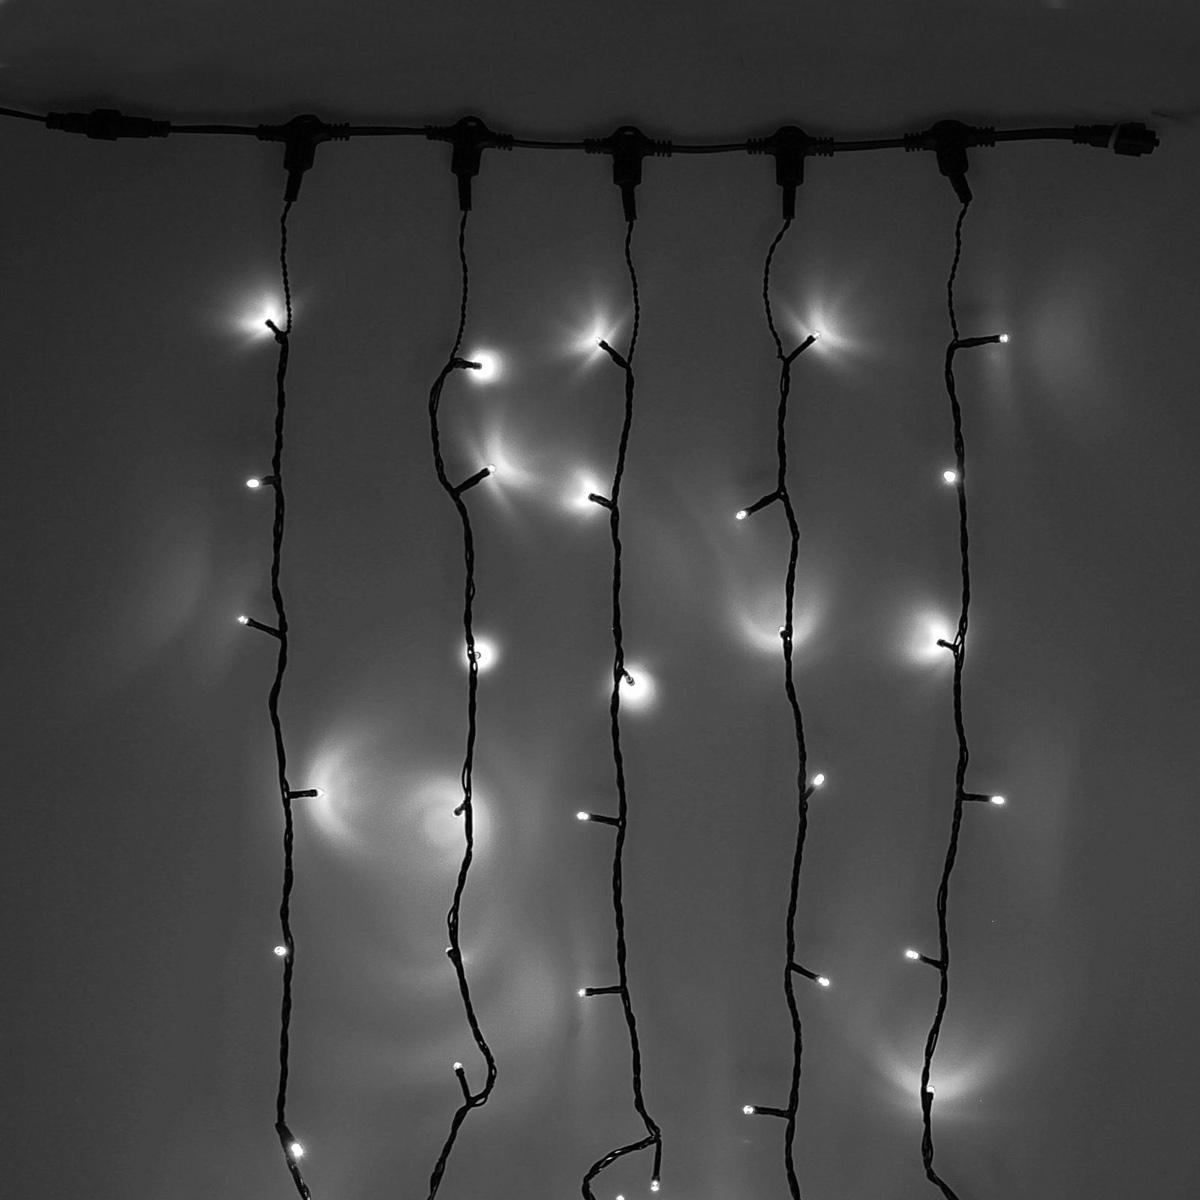 Гирлянда светодиодная Luazon Клип лайт, цвет: белый, уличная, 1000 ламп, 24 V, 5 х 20 м. 15860541586054Светодиодные гирлянды и ленты — это отличный вариант для новогоднего оформления интерьера или фасада. С их помощью помещение любого размера можно превратить в праздничный зал, а внешние элементы зданий, украшенные ими, мгновенно станут напоминать очертания сказочного дворца. Такие украшения создают ауру предвкушения чуда. Деревья, фасады, витрины, окна и арки будто специально созданы, чтобы вы украсили их светящимися нитями.